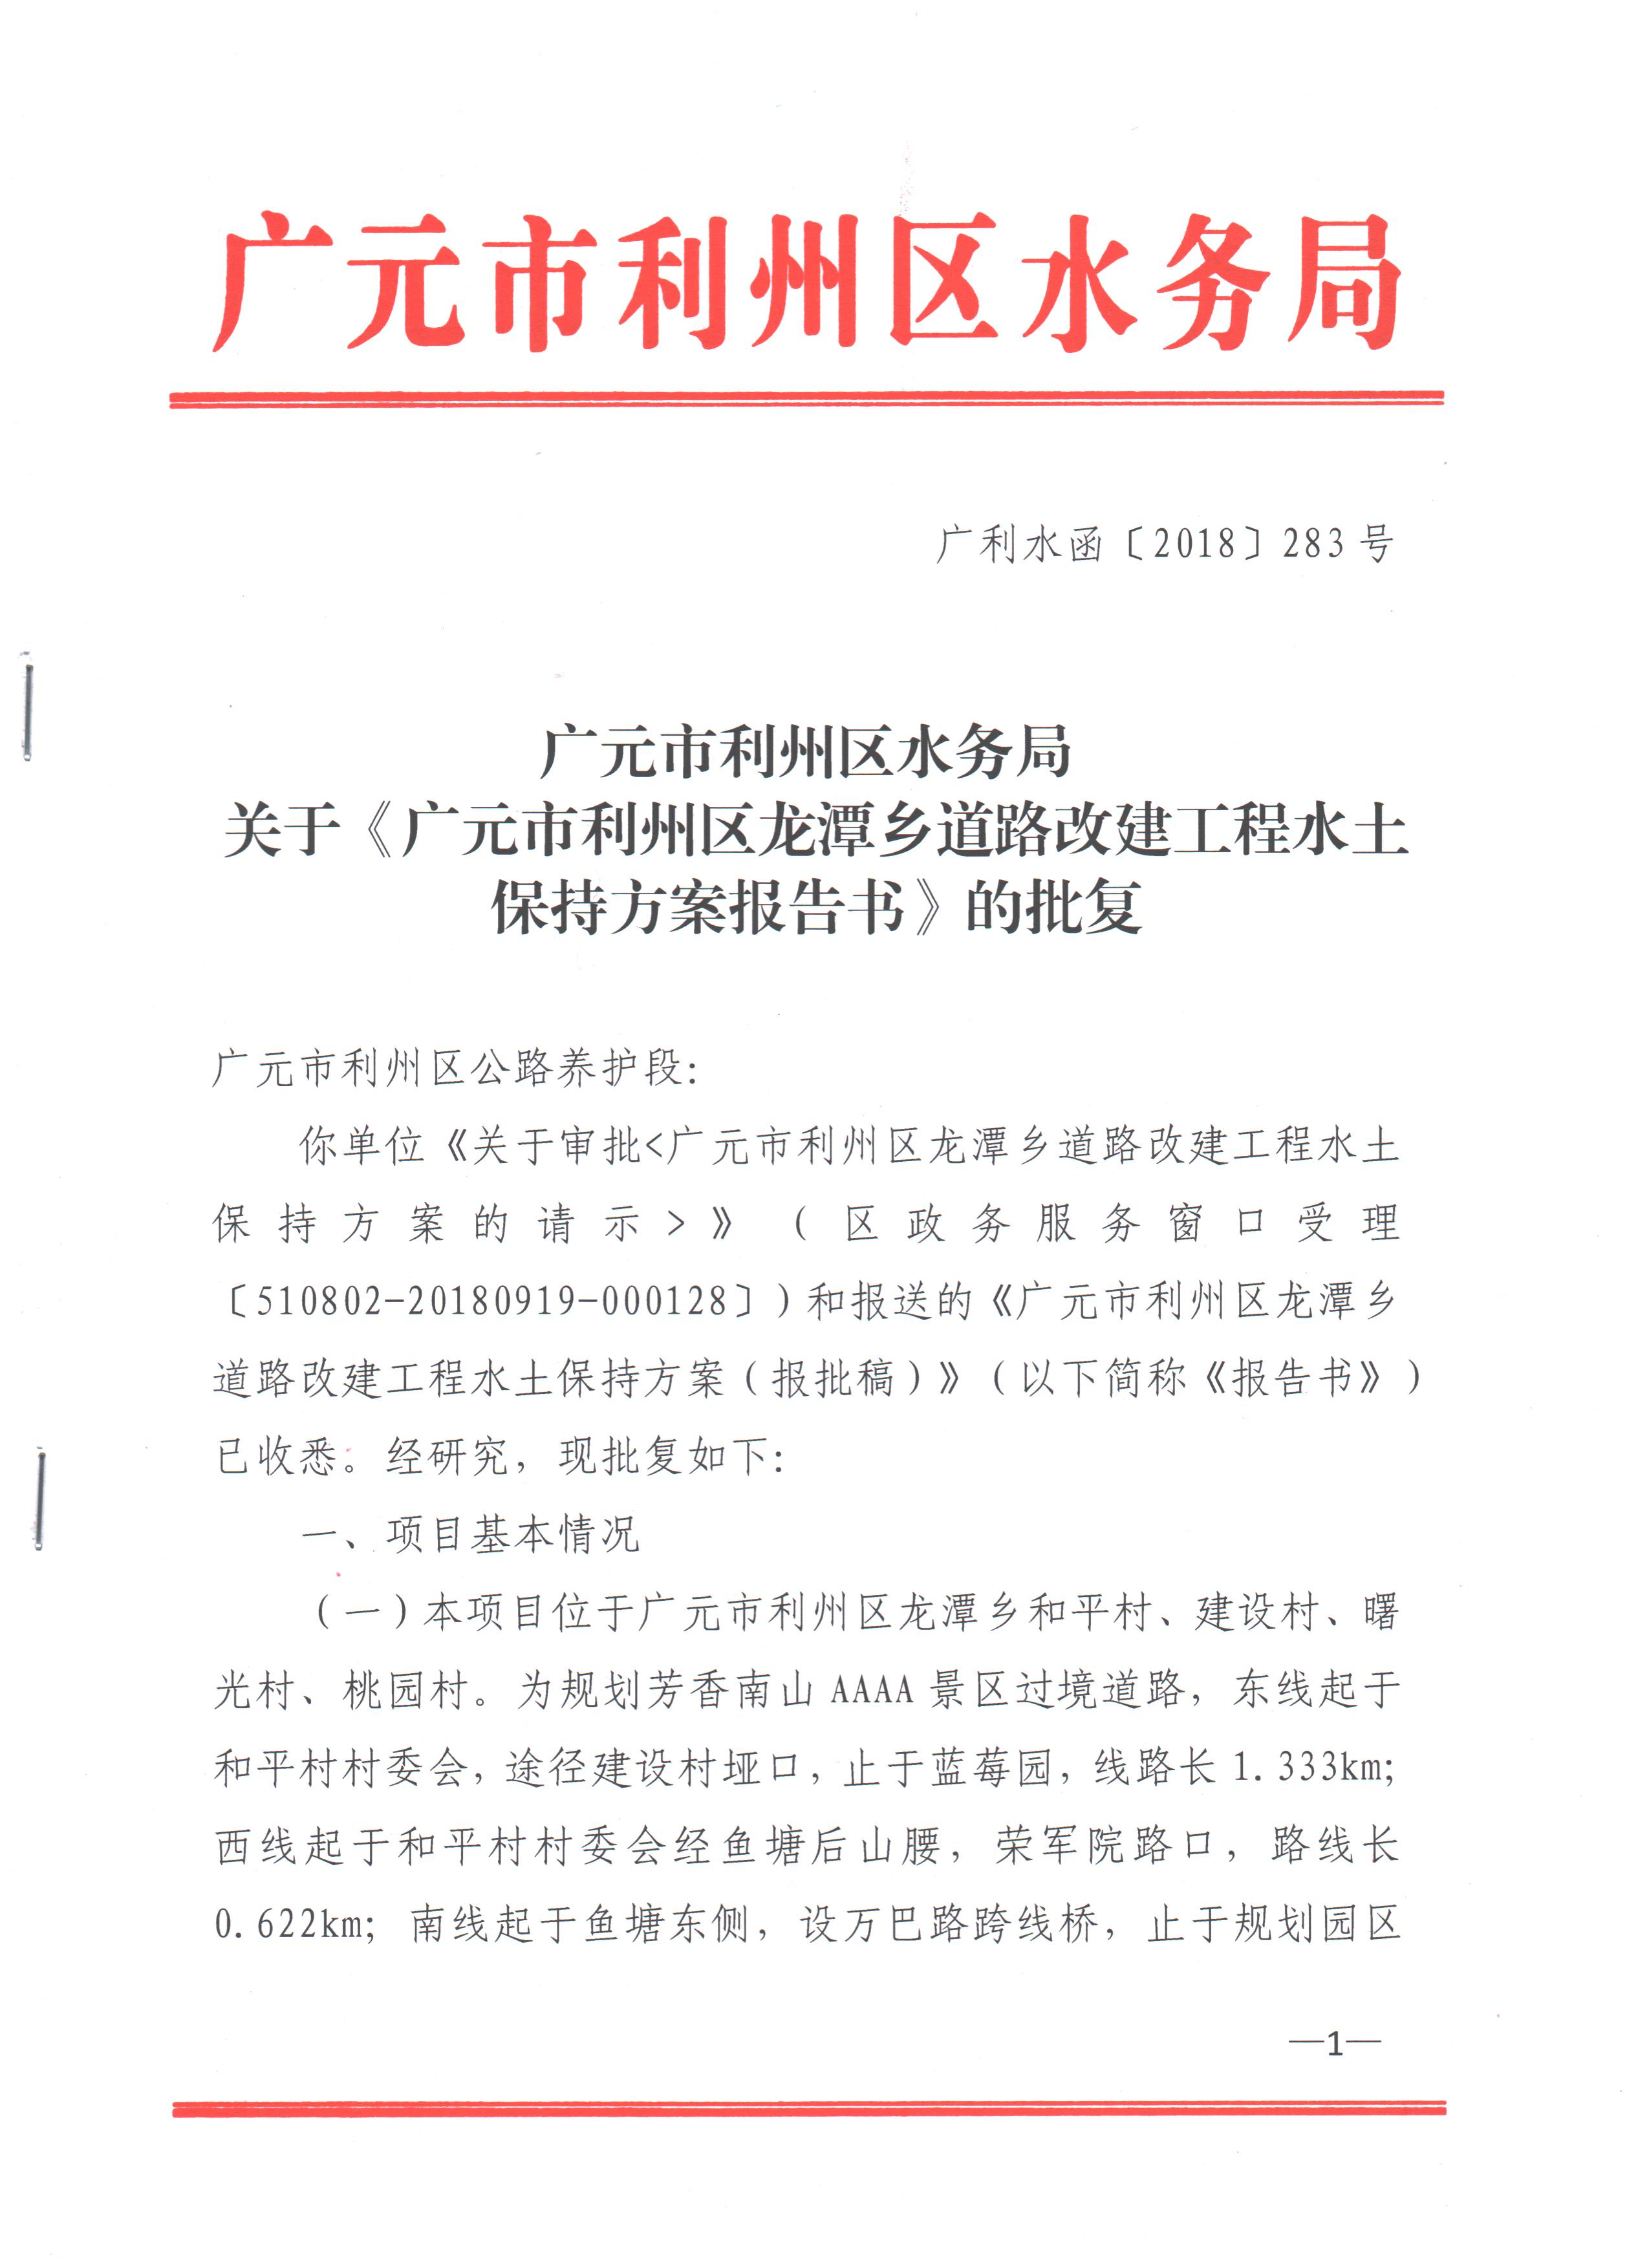 广元市利州区龙潭乡道路改建工程---水保批复_页面_1.jpg